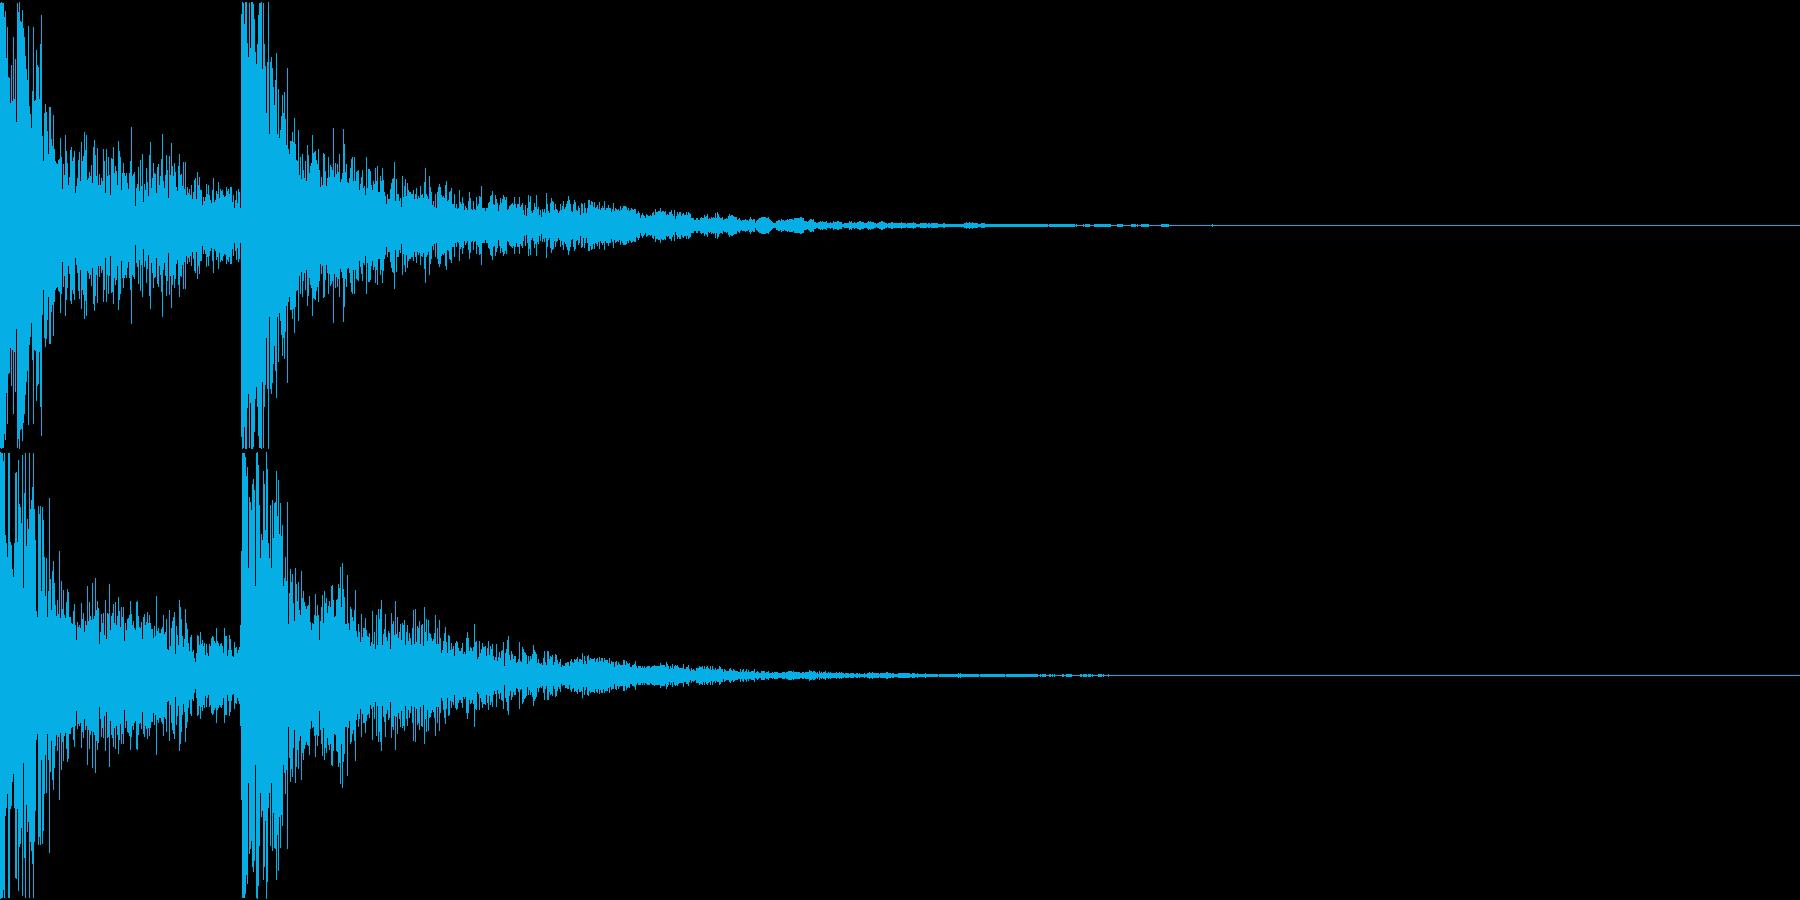 リッチな響きのある短いテーマ音の再生済みの波形